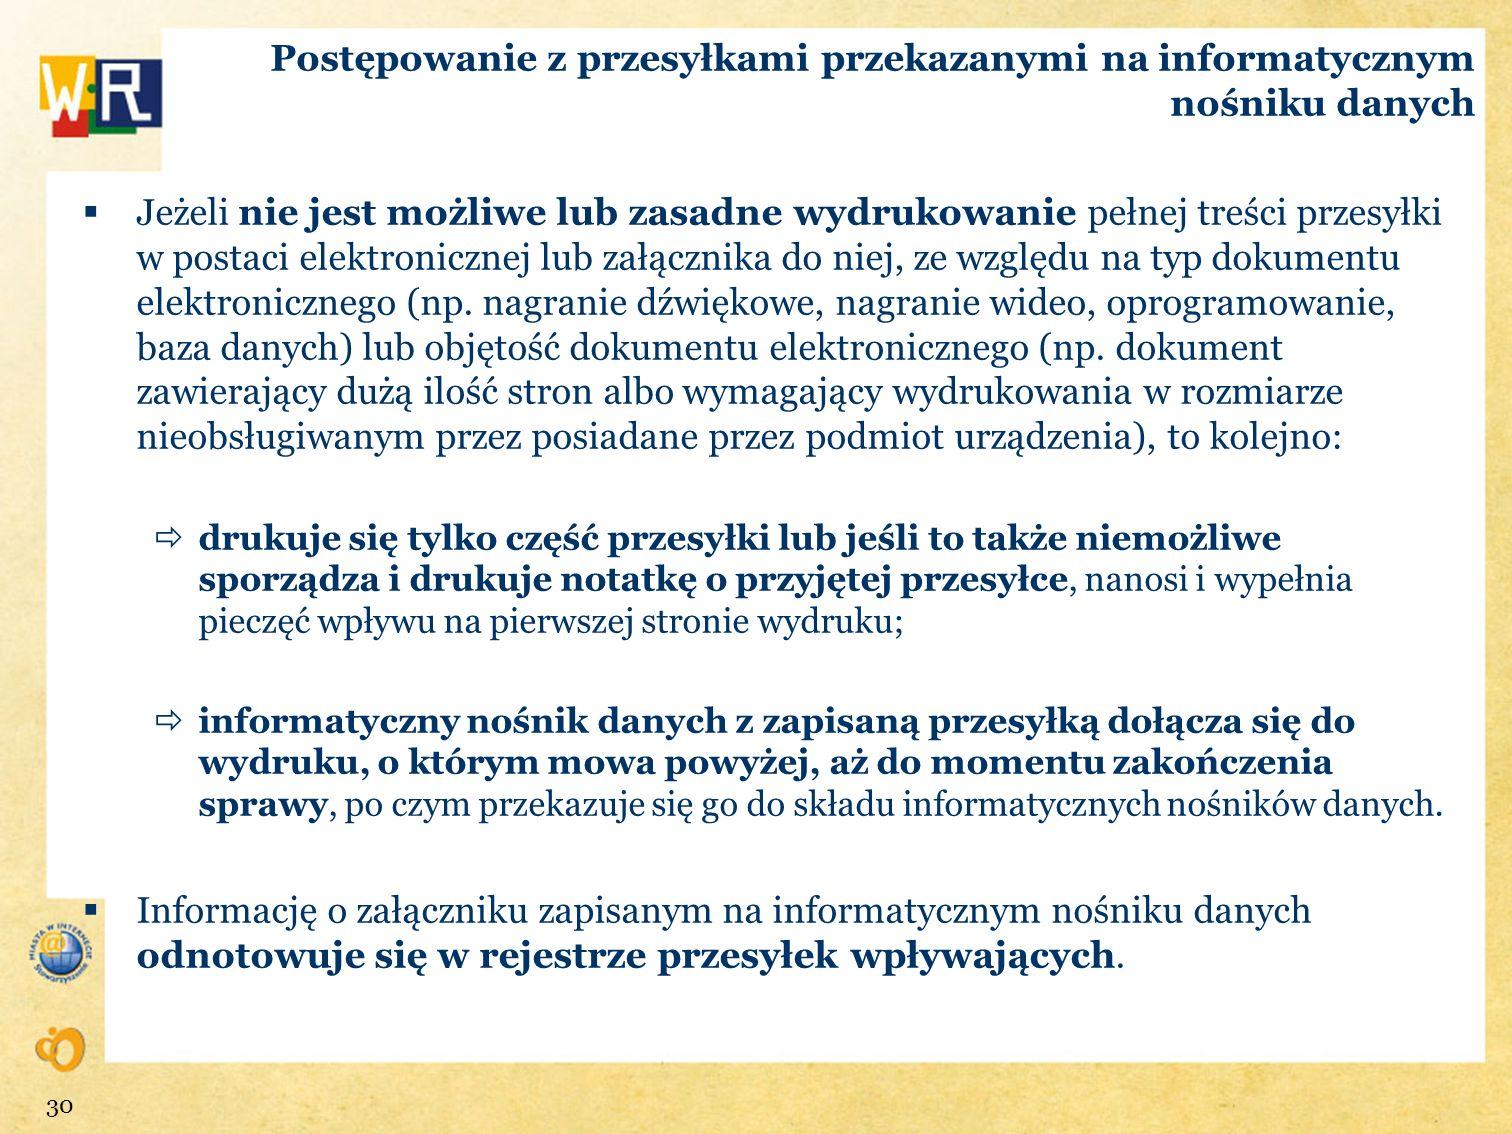 Postępowanie z przesyłkami przekazanymi na informatycznym nośniku danych